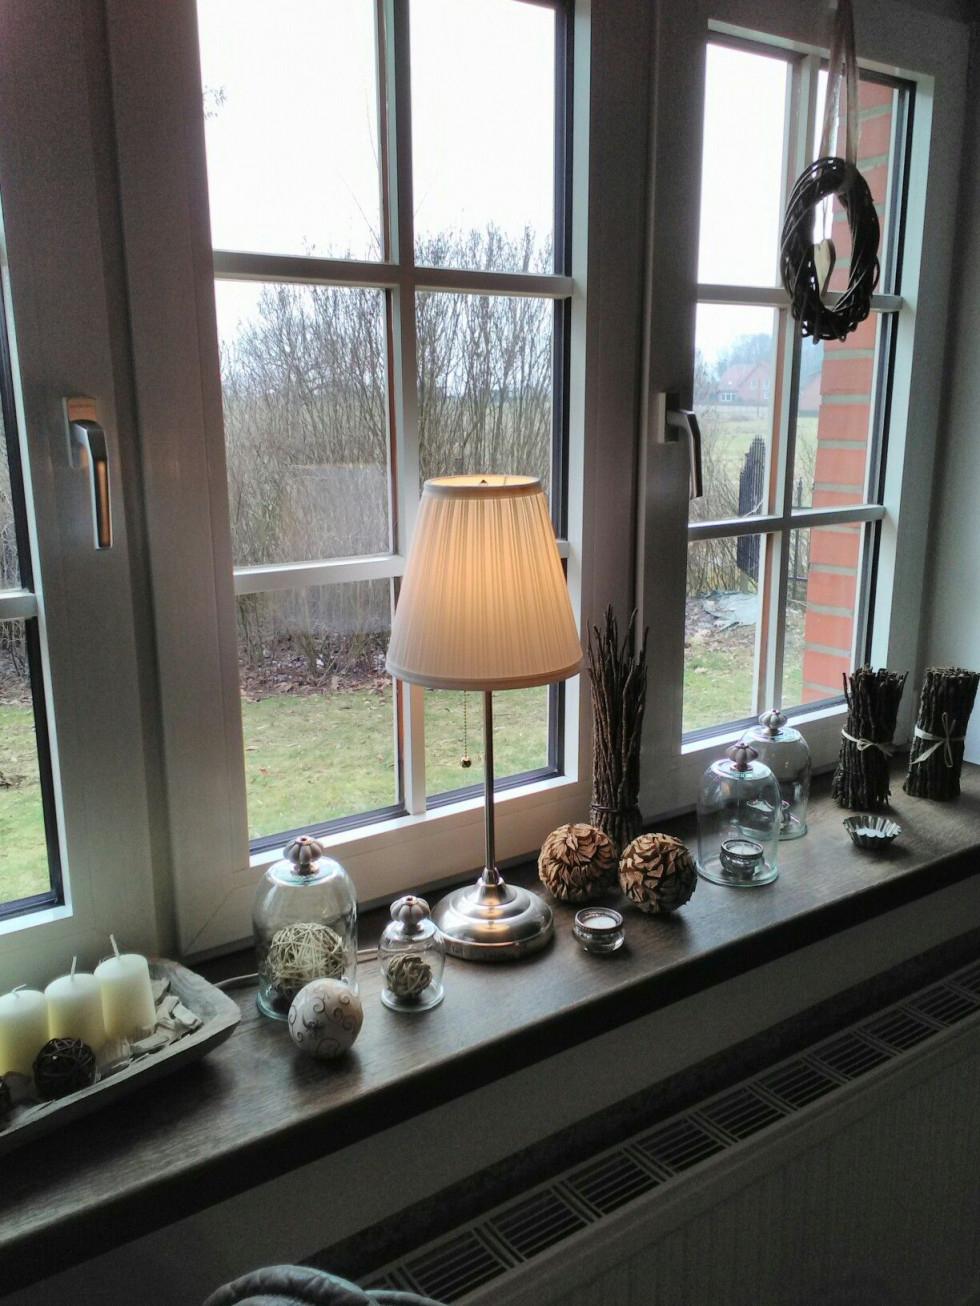 Fensterbank  Fenster Dekorieren Dekoration Wohnzimmer von Fensterbank Gestalten Wohnzimmer Bild